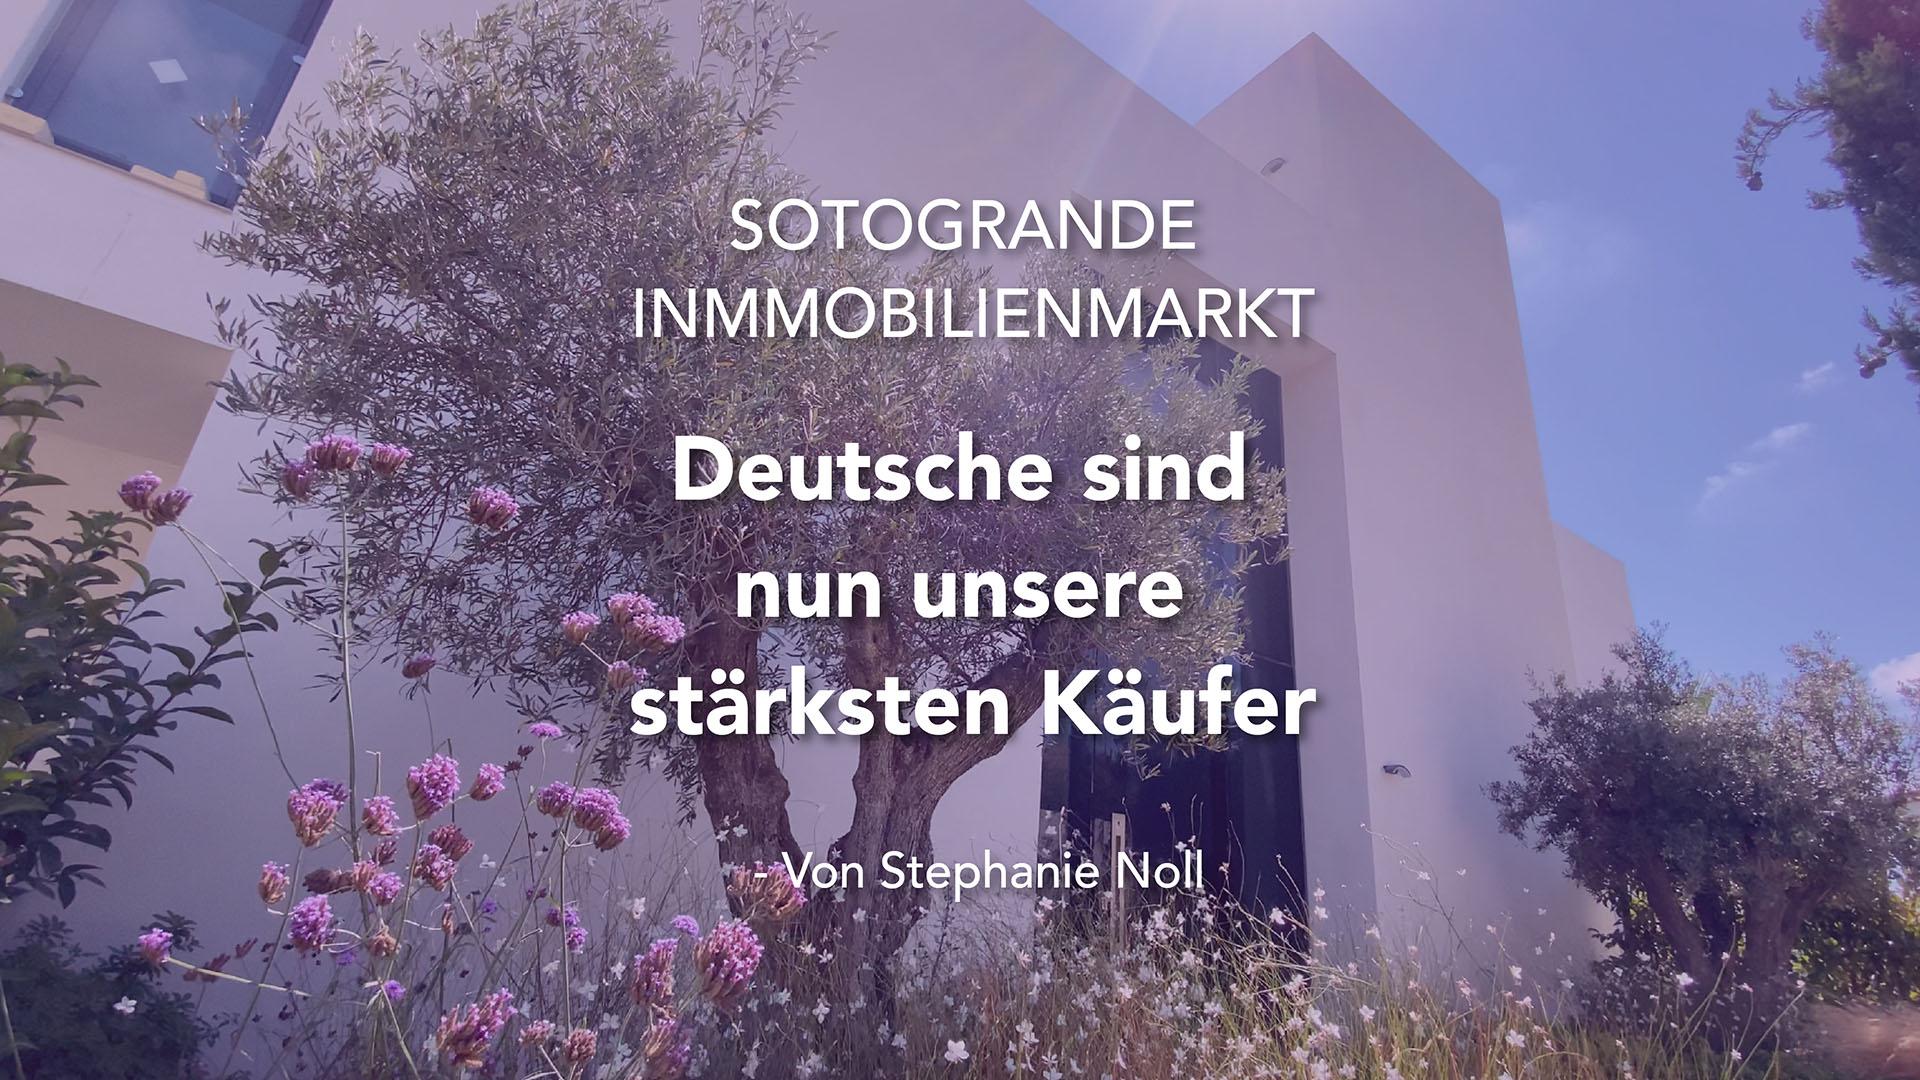 Deutsche sind nun unsere stärksten Käufer -Von Stephanie Noll Sotogrande